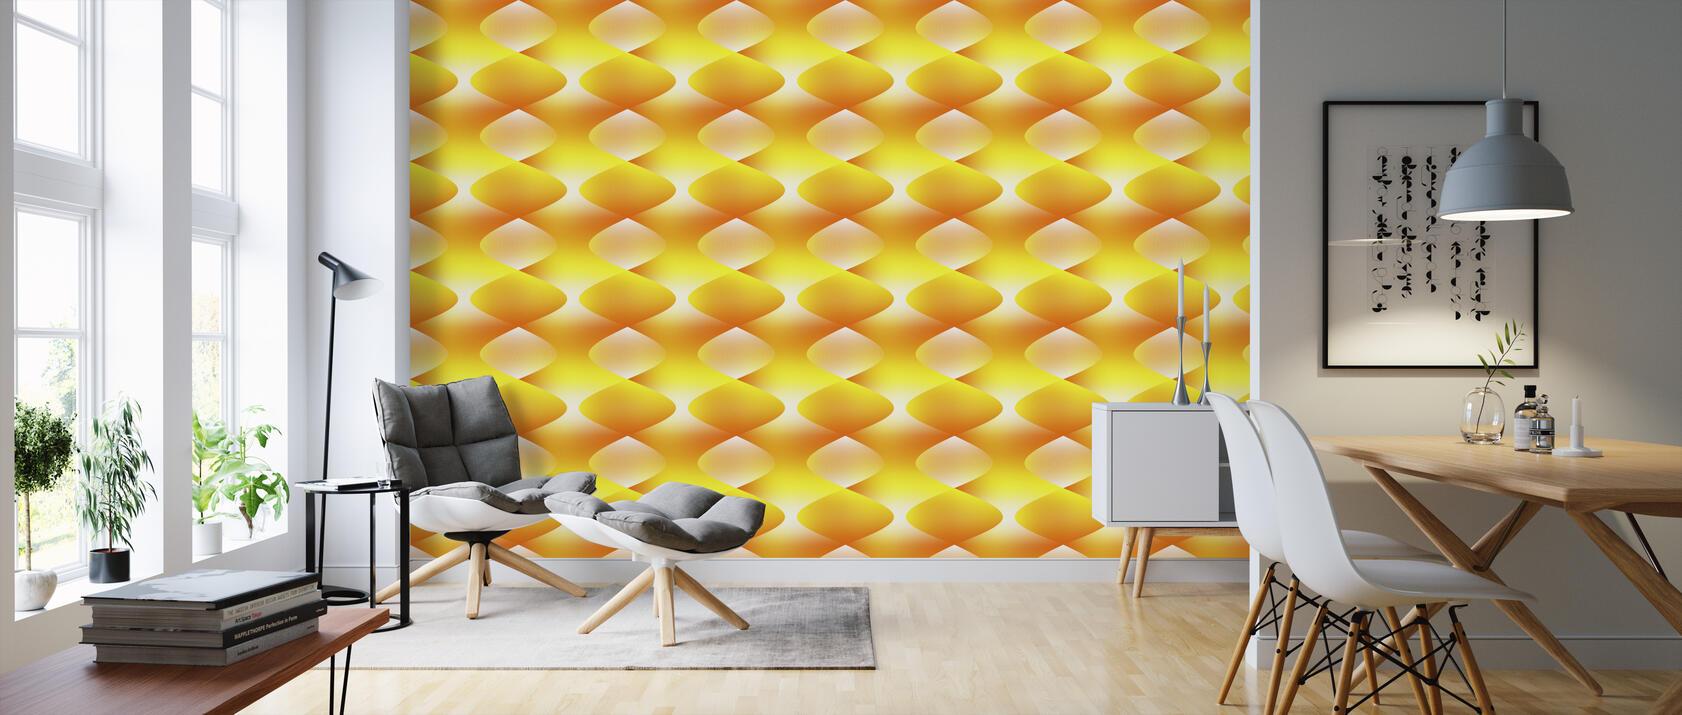 sunny eine tapete f r jeden raum und jedes ambiente photowall. Black Bedroom Furniture Sets. Home Design Ideas